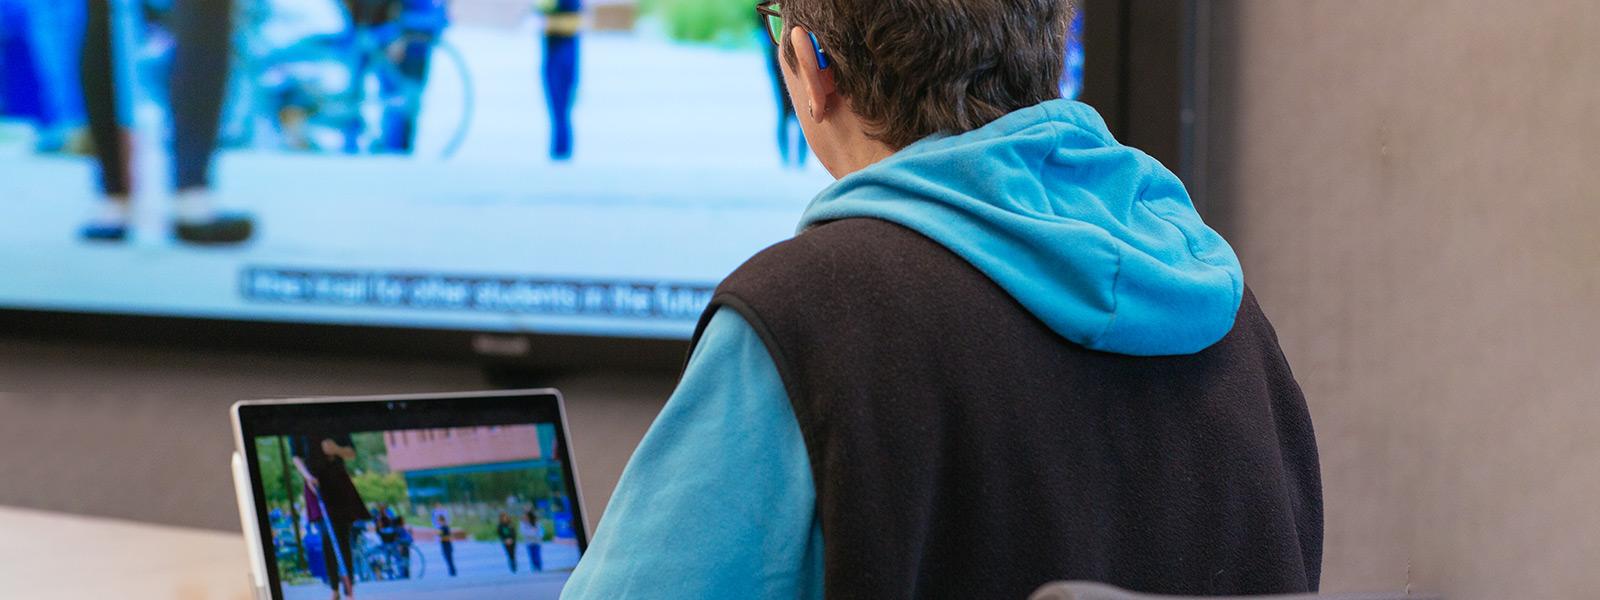 En kvinne som bruker høreapparat, ser på en videopresentasjon med teksting